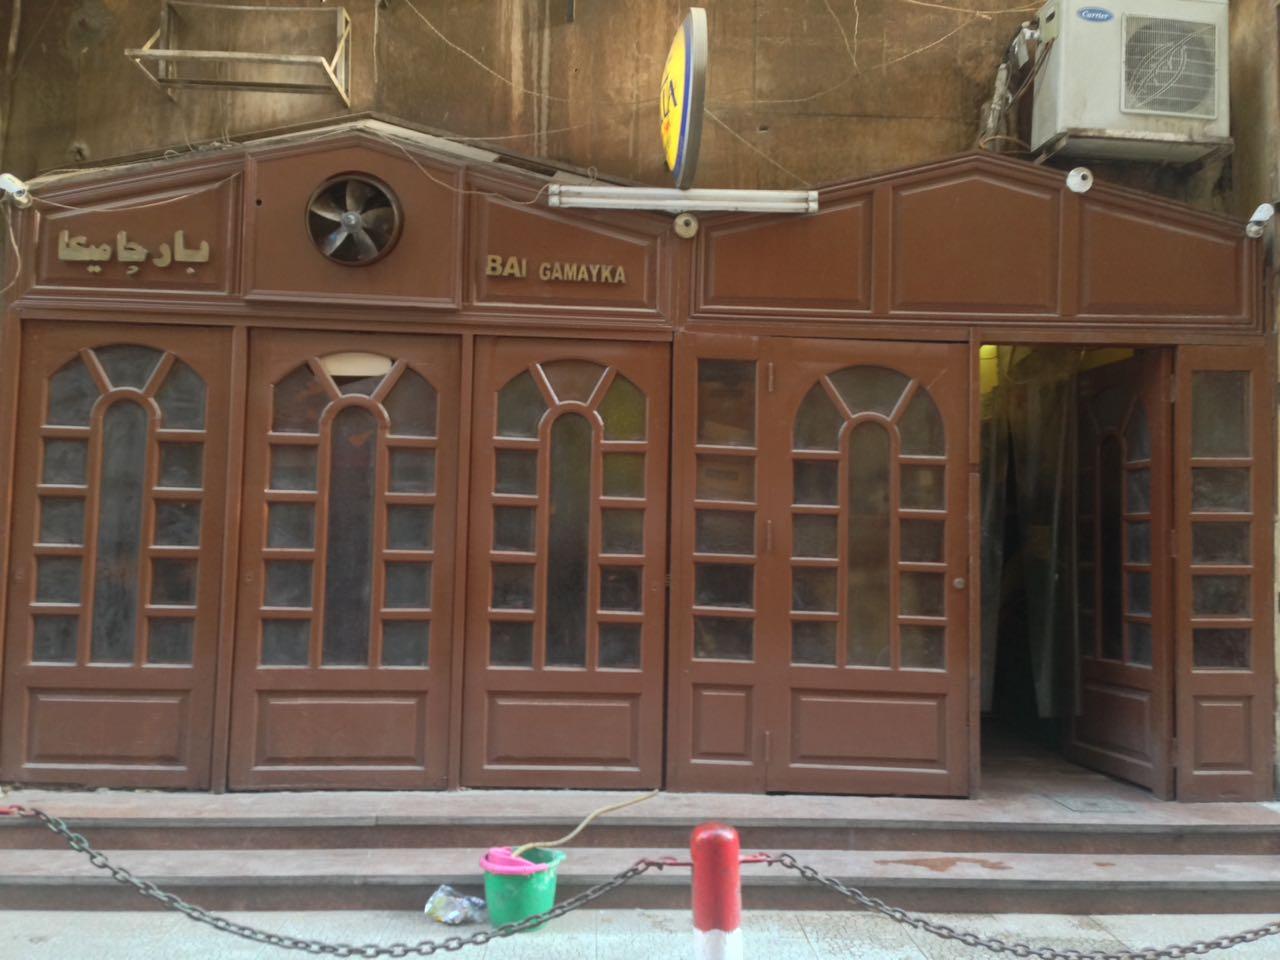 واجهة بار جاميكا بمنطقة البورصة - تصوير - أحمد جمال